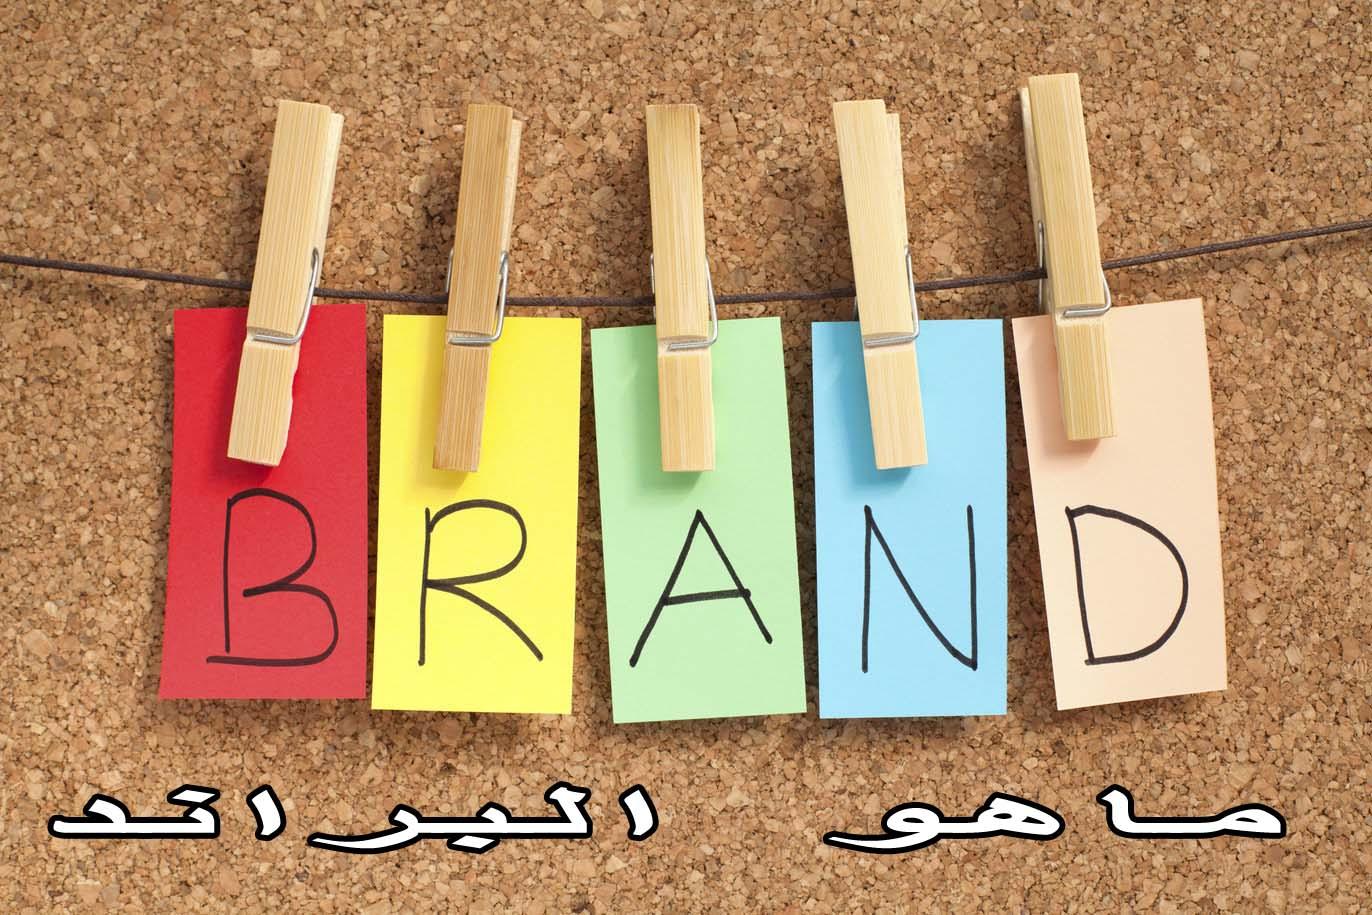 ما المقصود بالبراند Brand (العلامة التجارية)